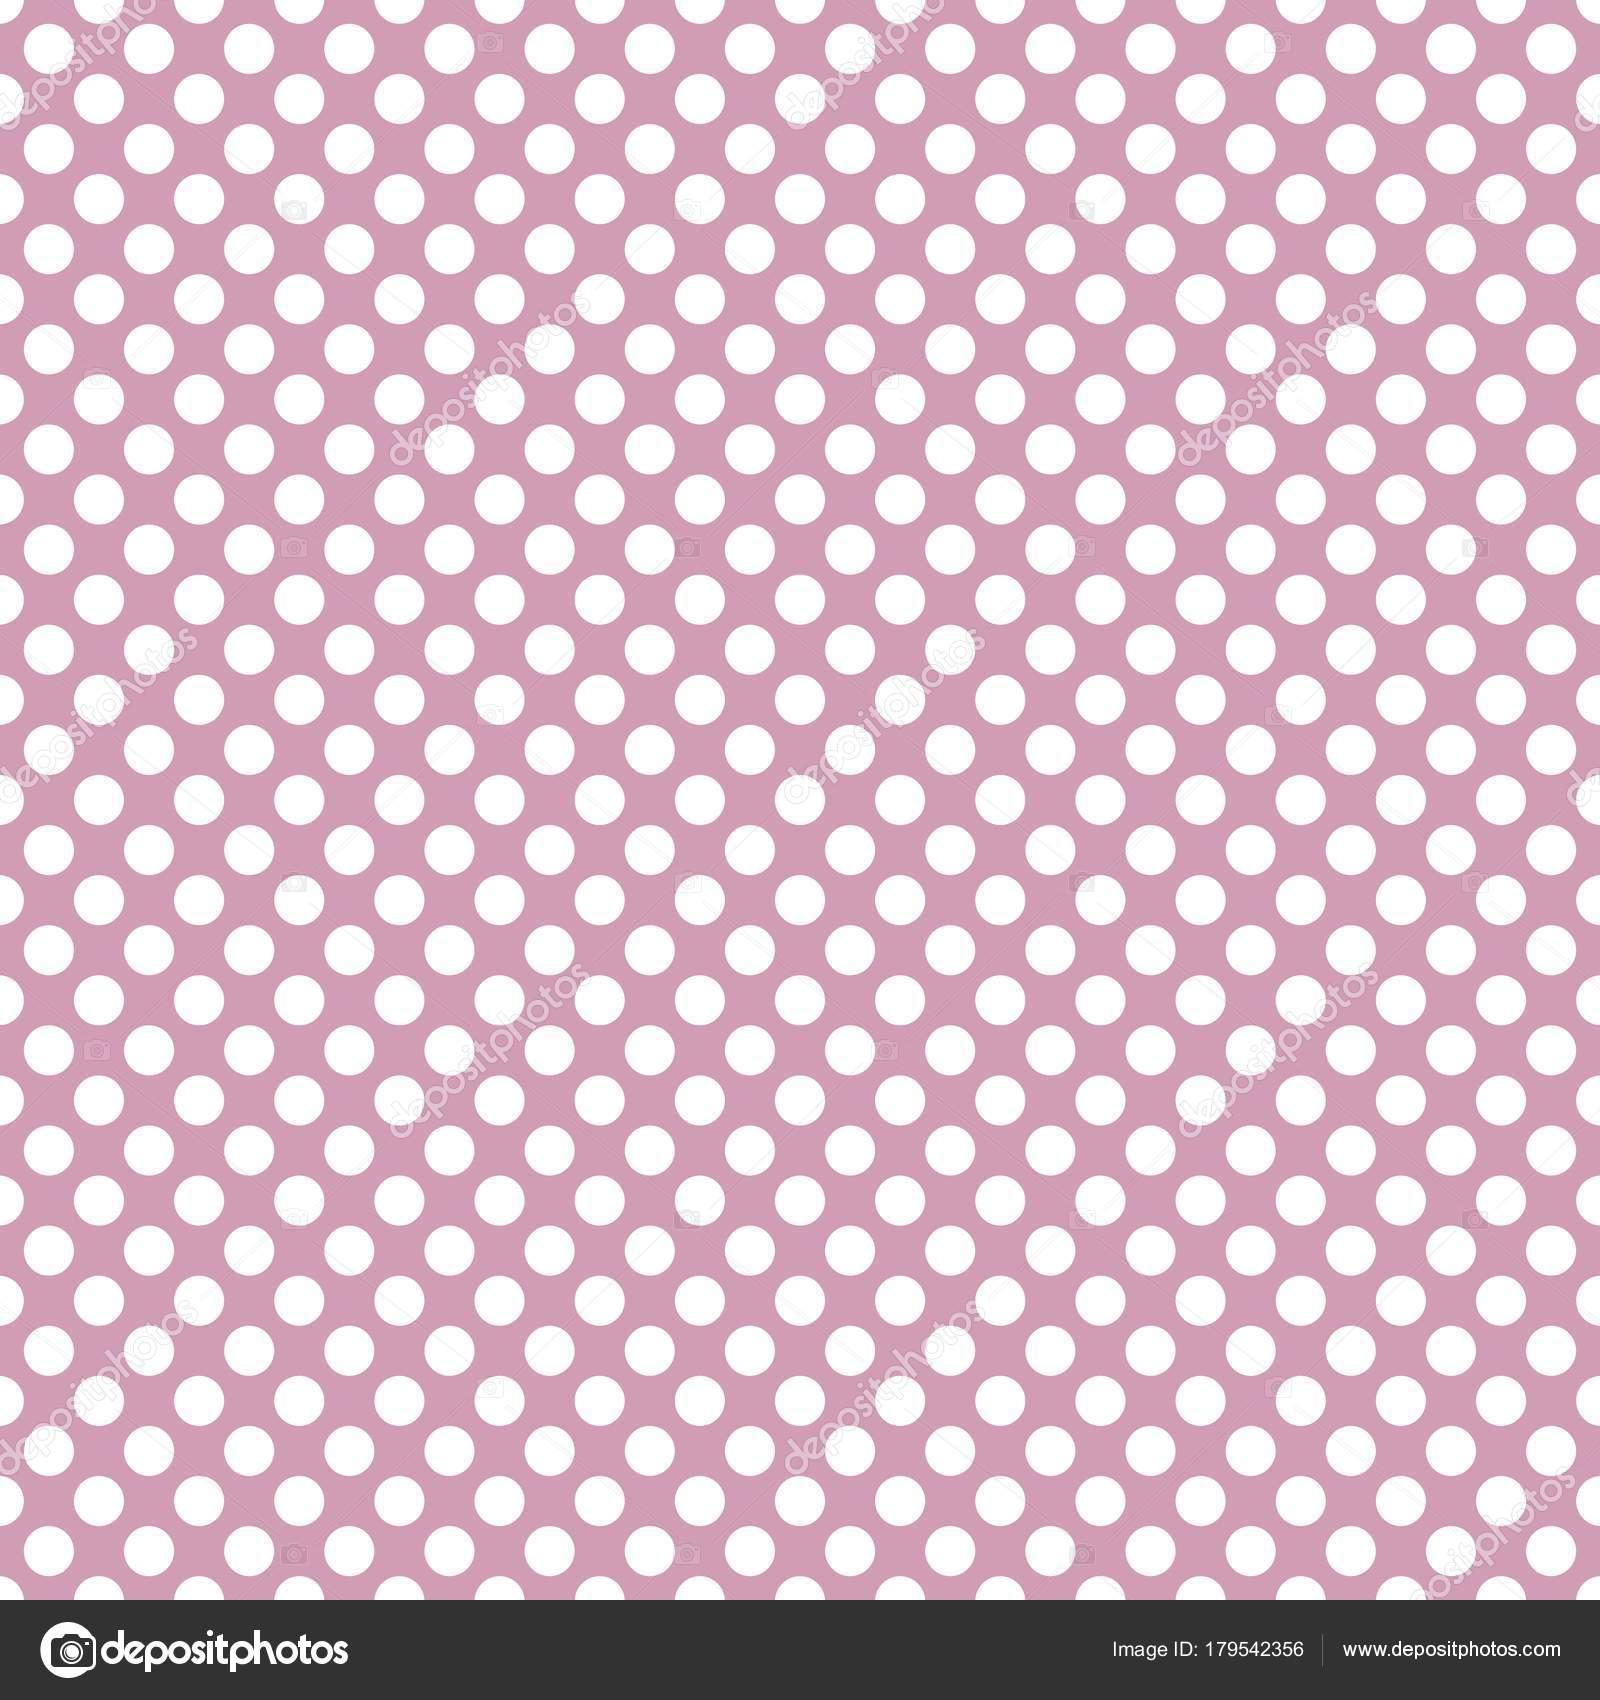 Sfondo Rosa Pastello Reticolo Vettore Con Pois Bianchi Sfondo